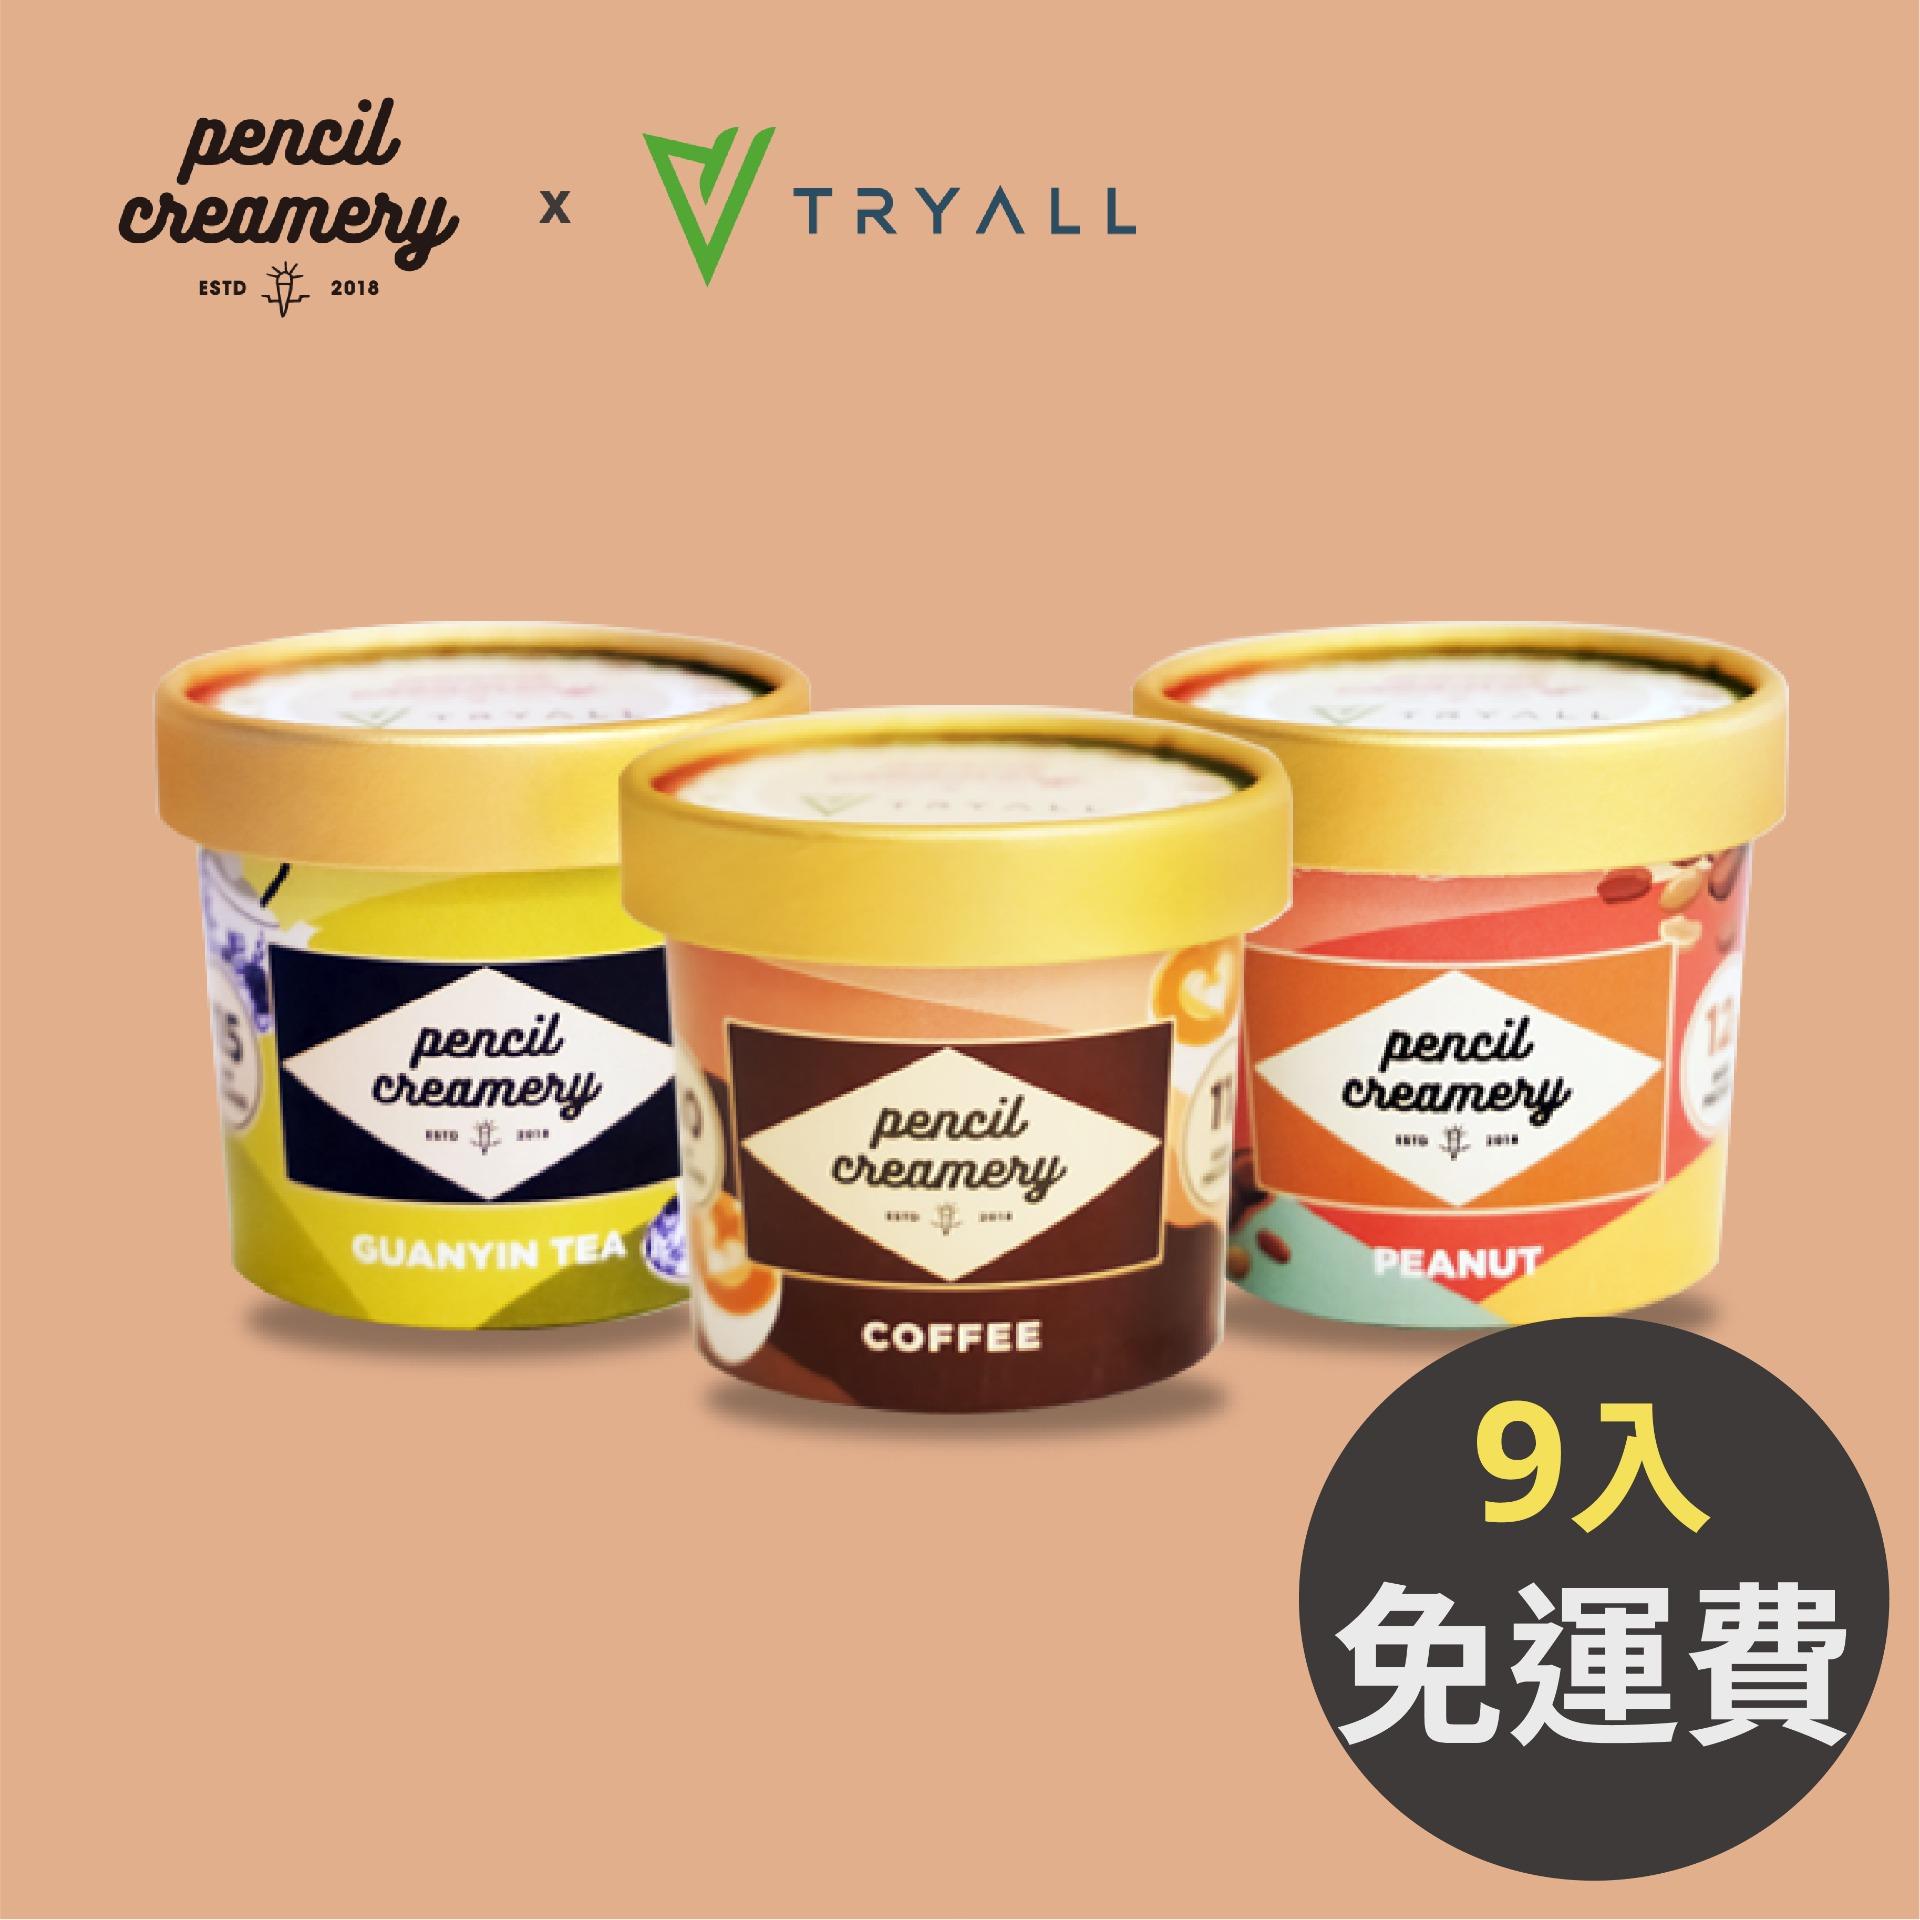 *免運費*[PENCIL CREAMERY X TRYALL] 咖啡因 高蛋白冰淇淋 9入組(咖啡+花生+鐵觀音各3入)(蛋奶素)